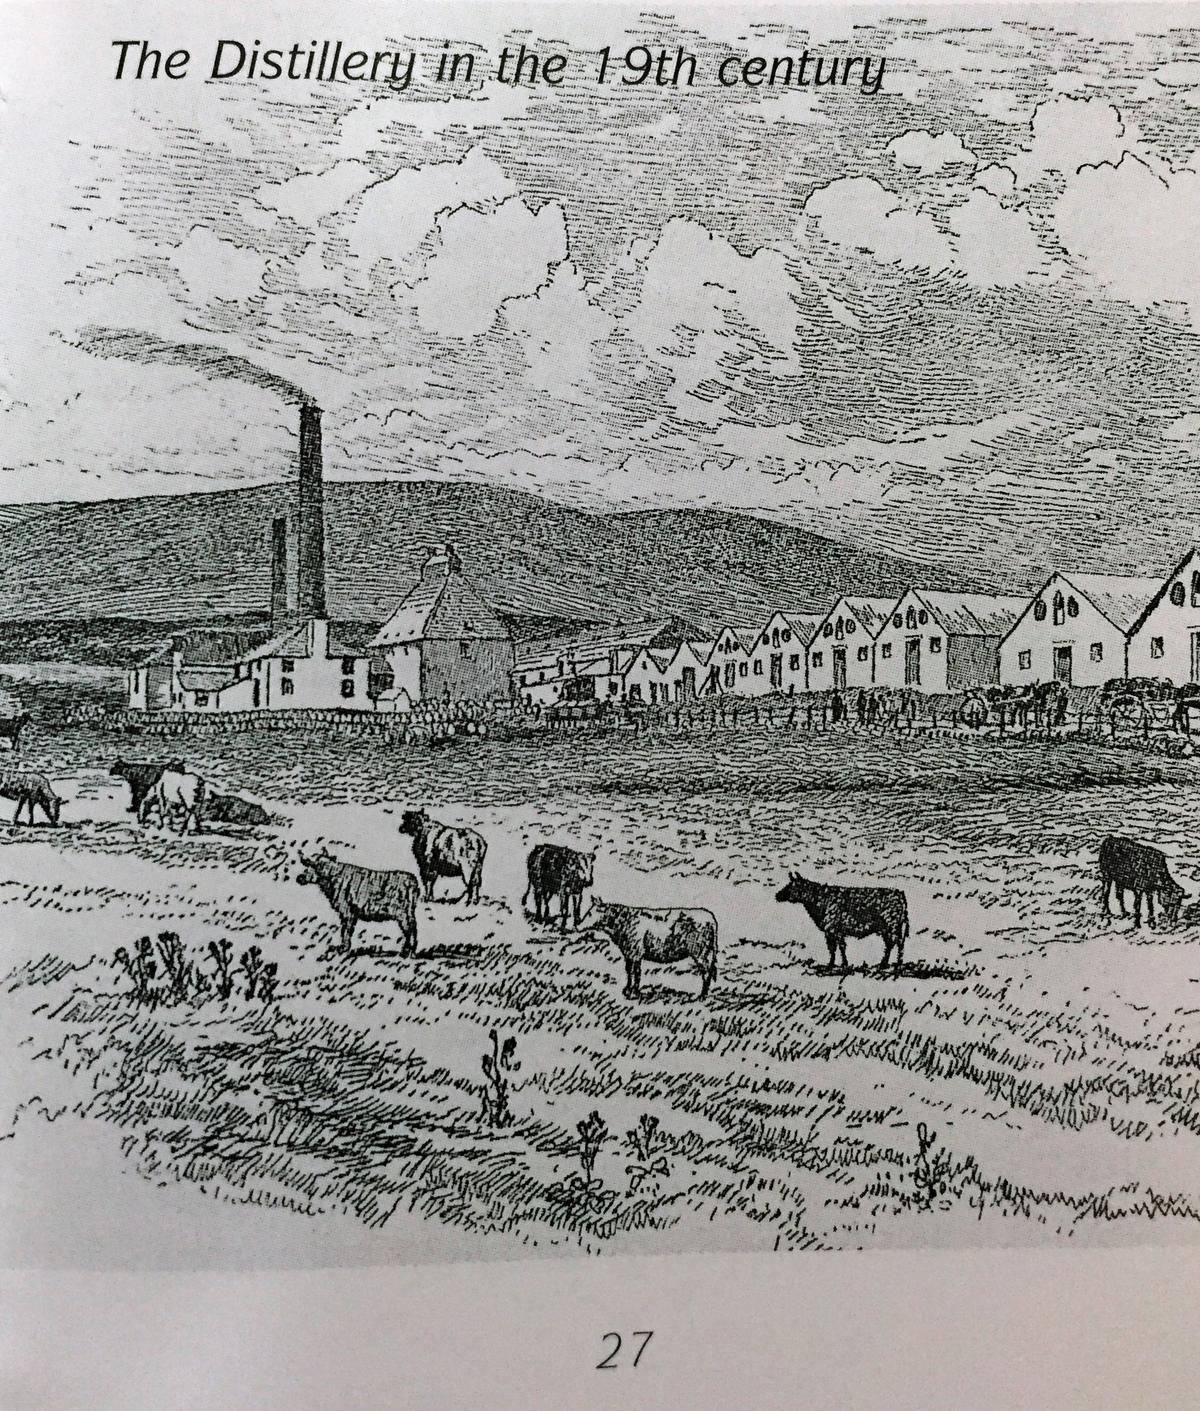 19世紀所繪出的酒廠模樣。